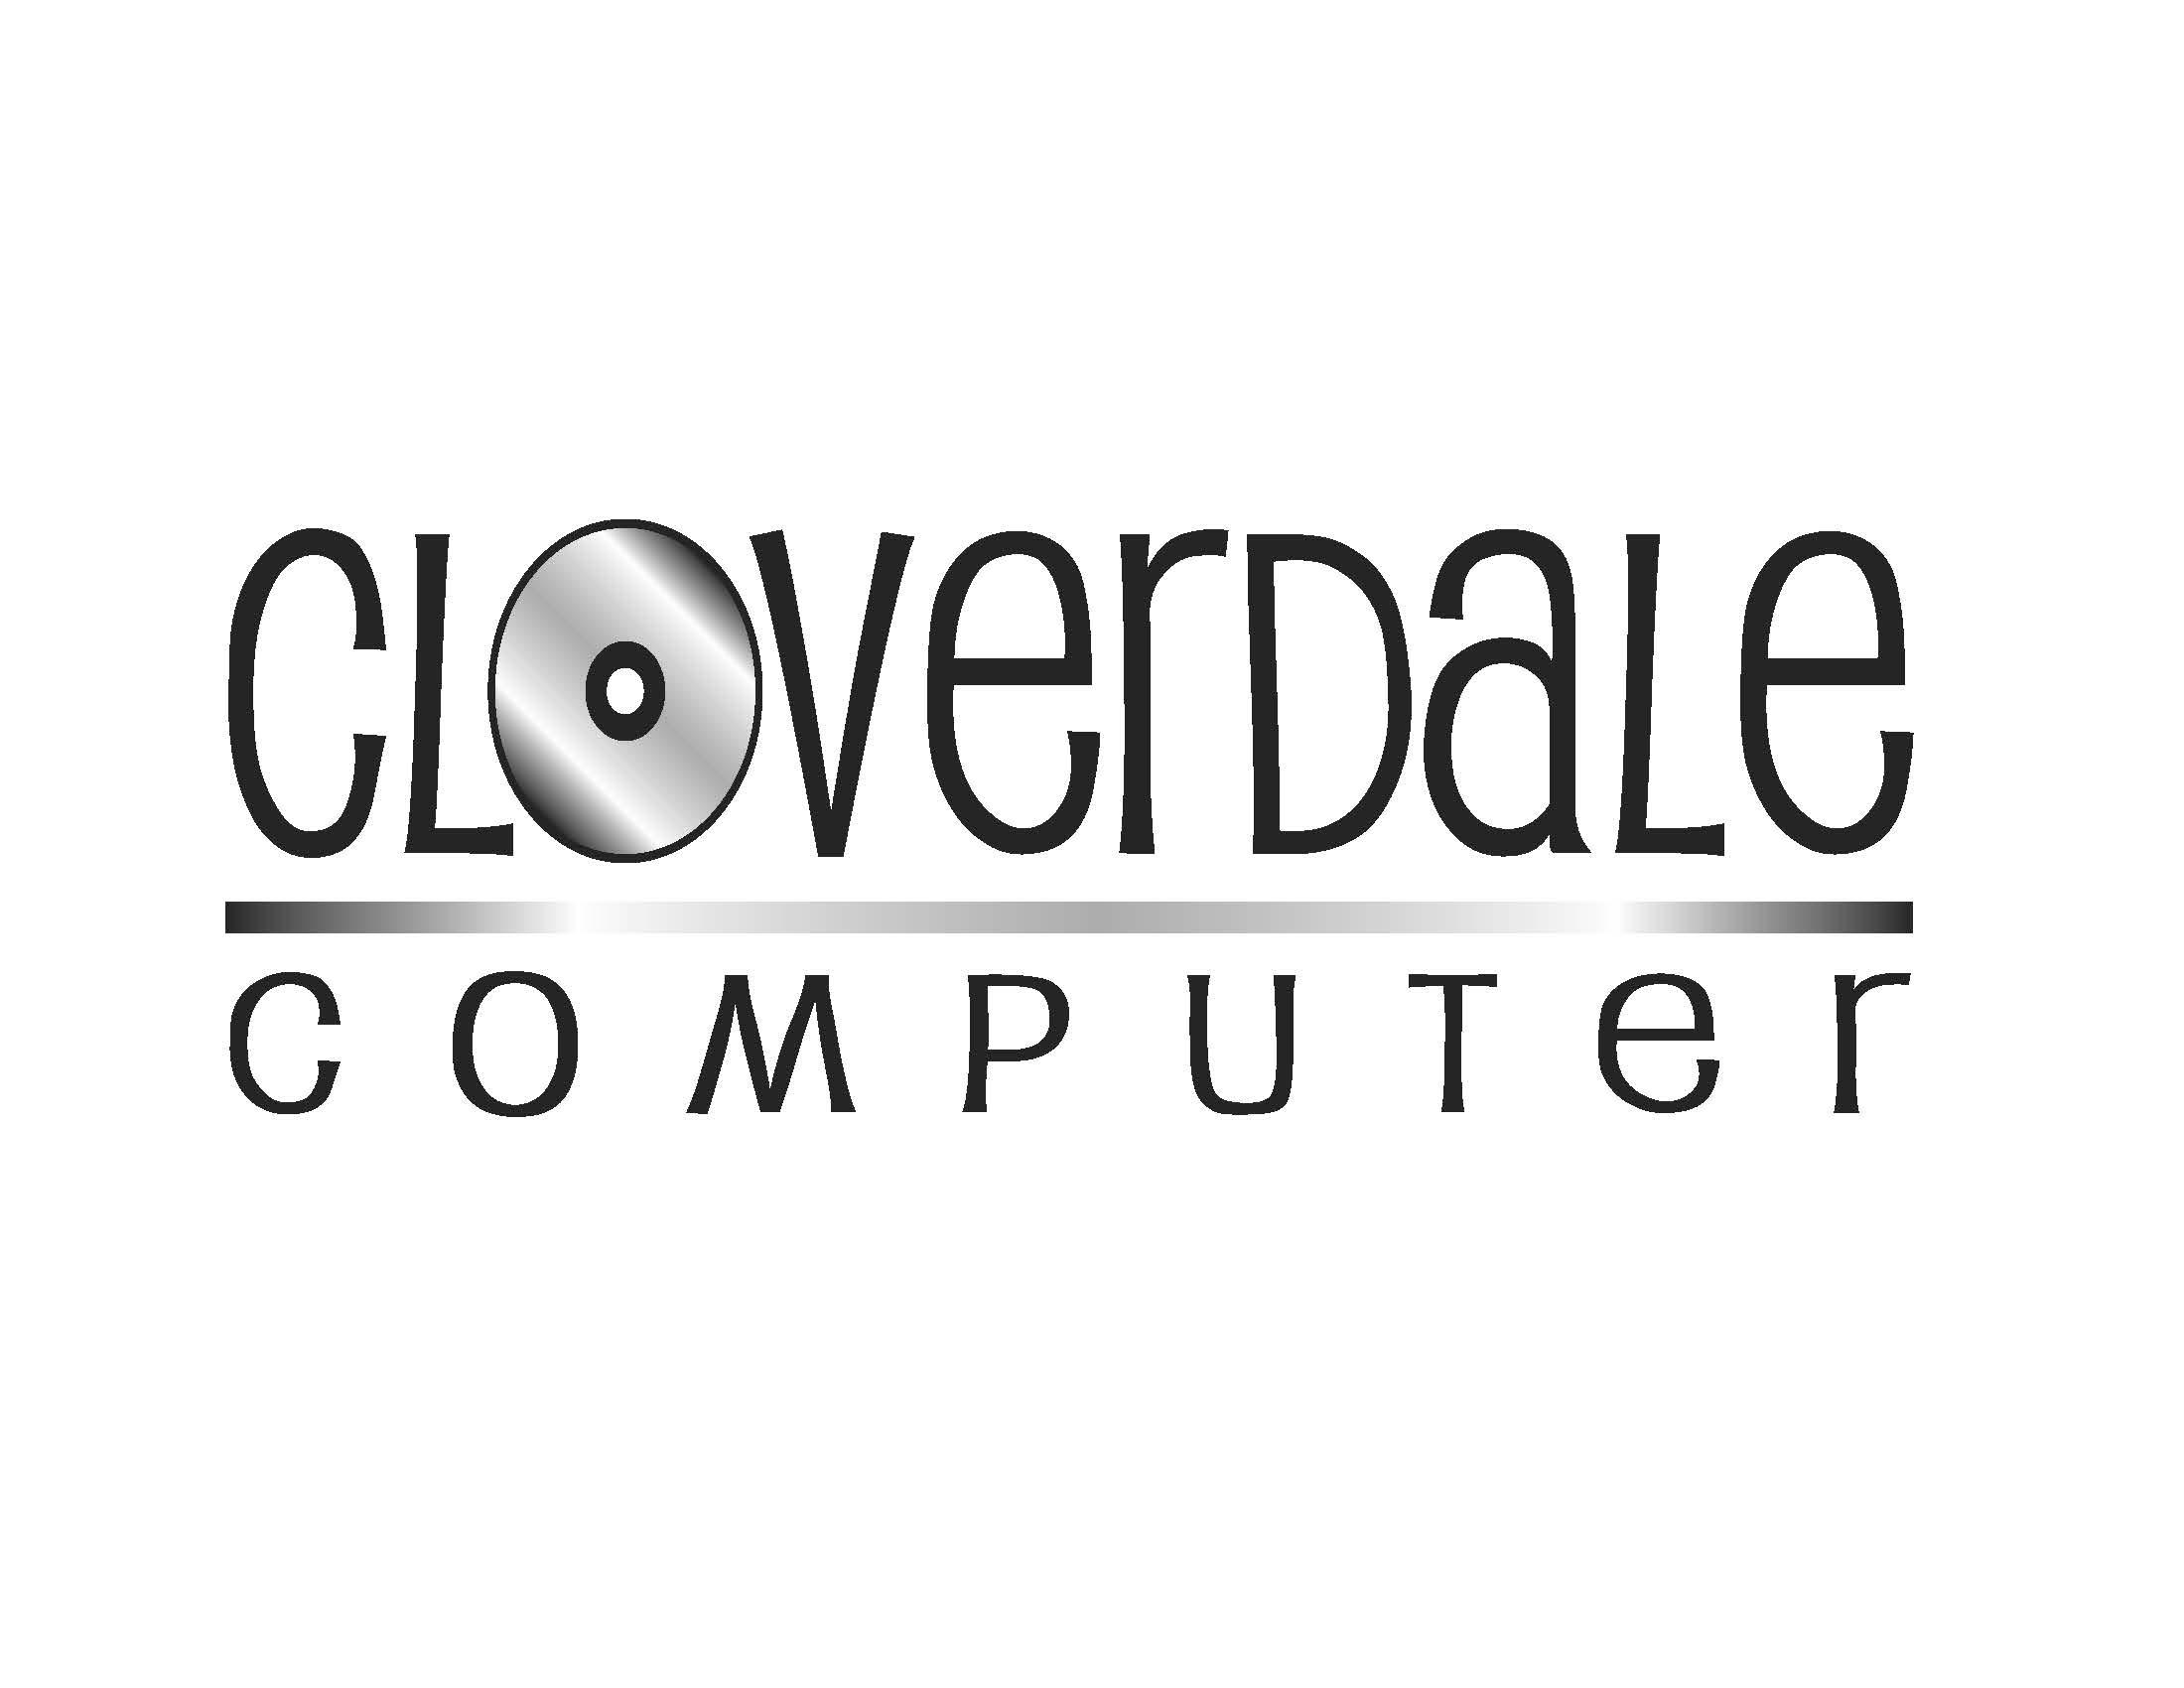 Cloverdale Computer.jpg